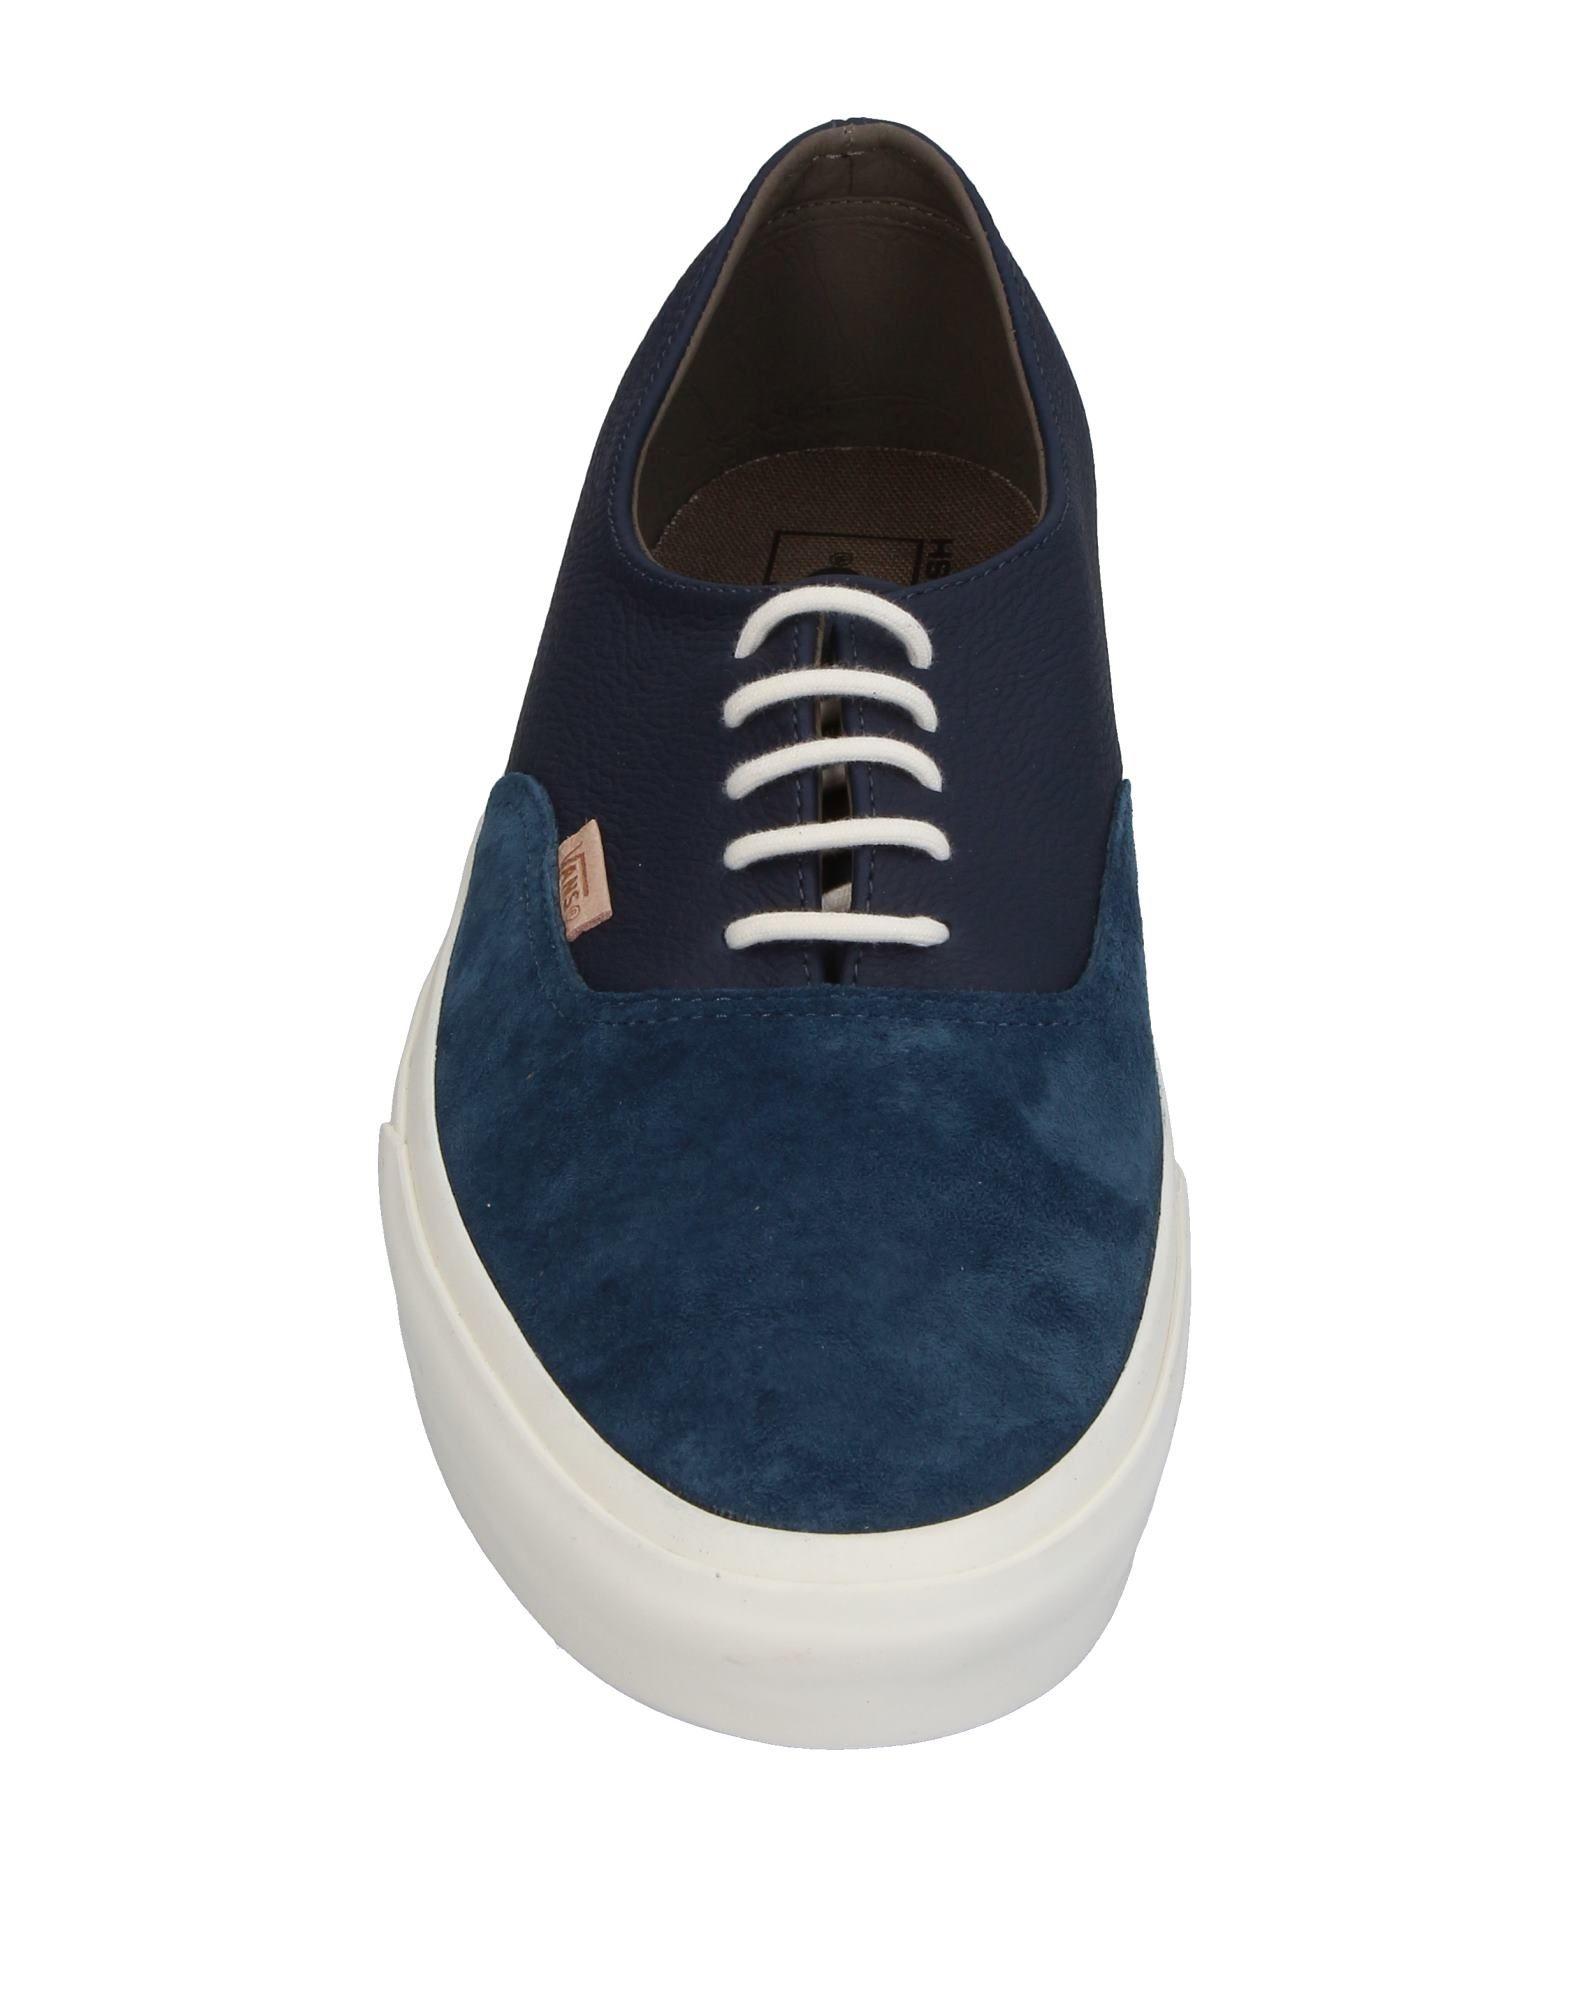 Vans Sneakers Herren Schuhe  11377278RT Heiße Schuhe Herren 960cd2